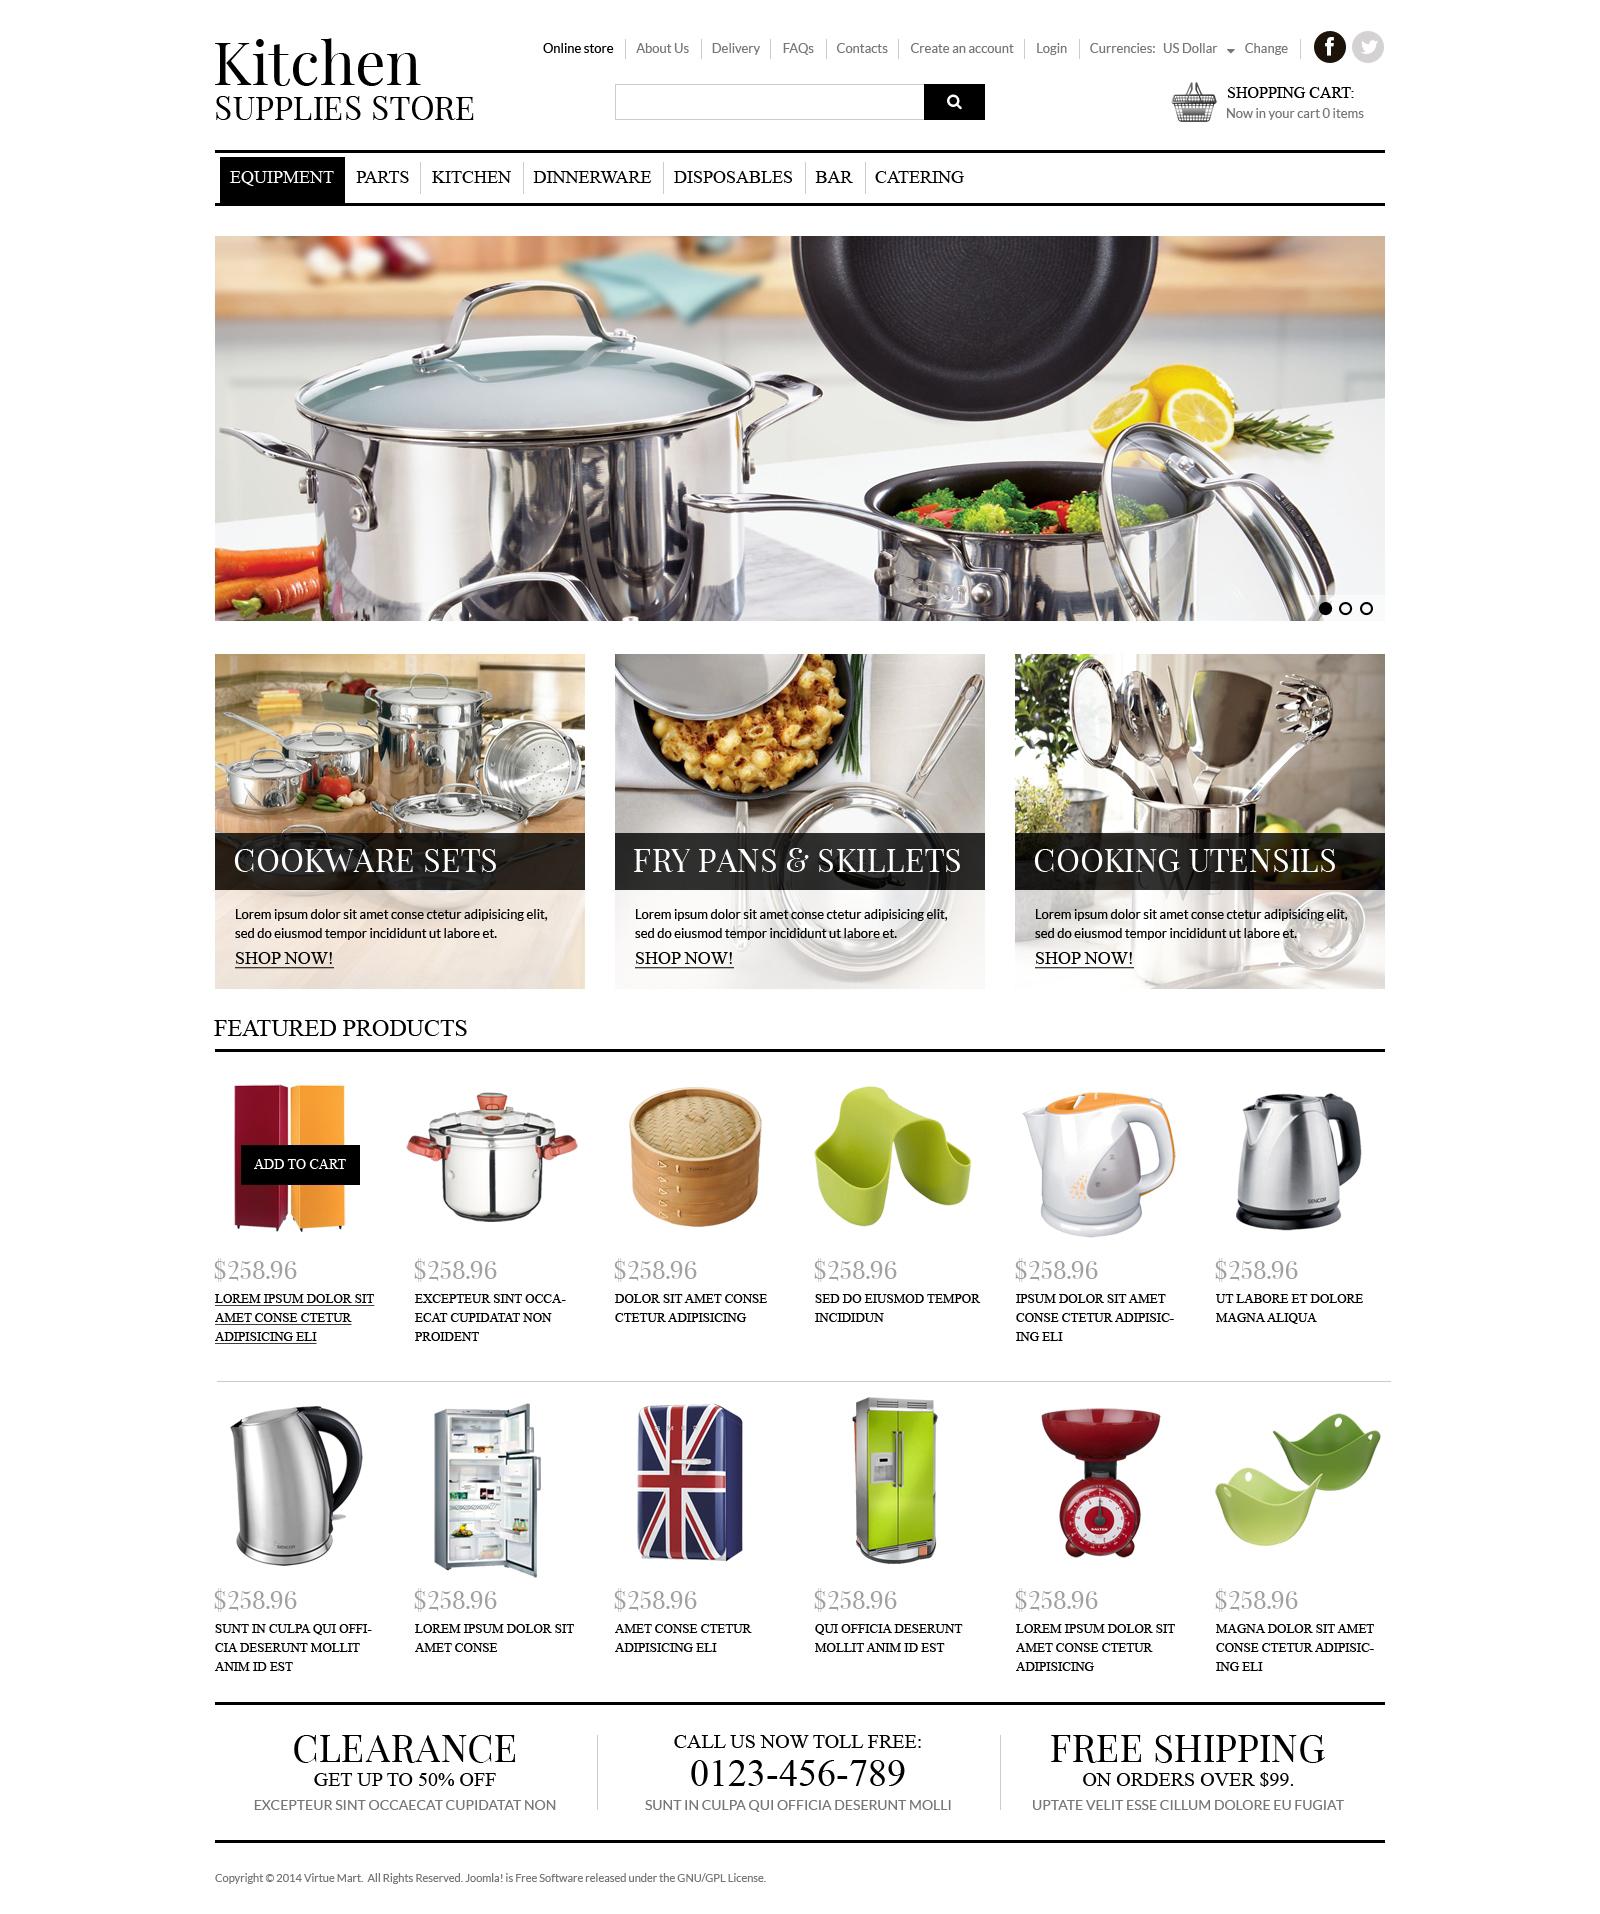 Thème VirtueMart pour magasin d'articles ménagers #50914